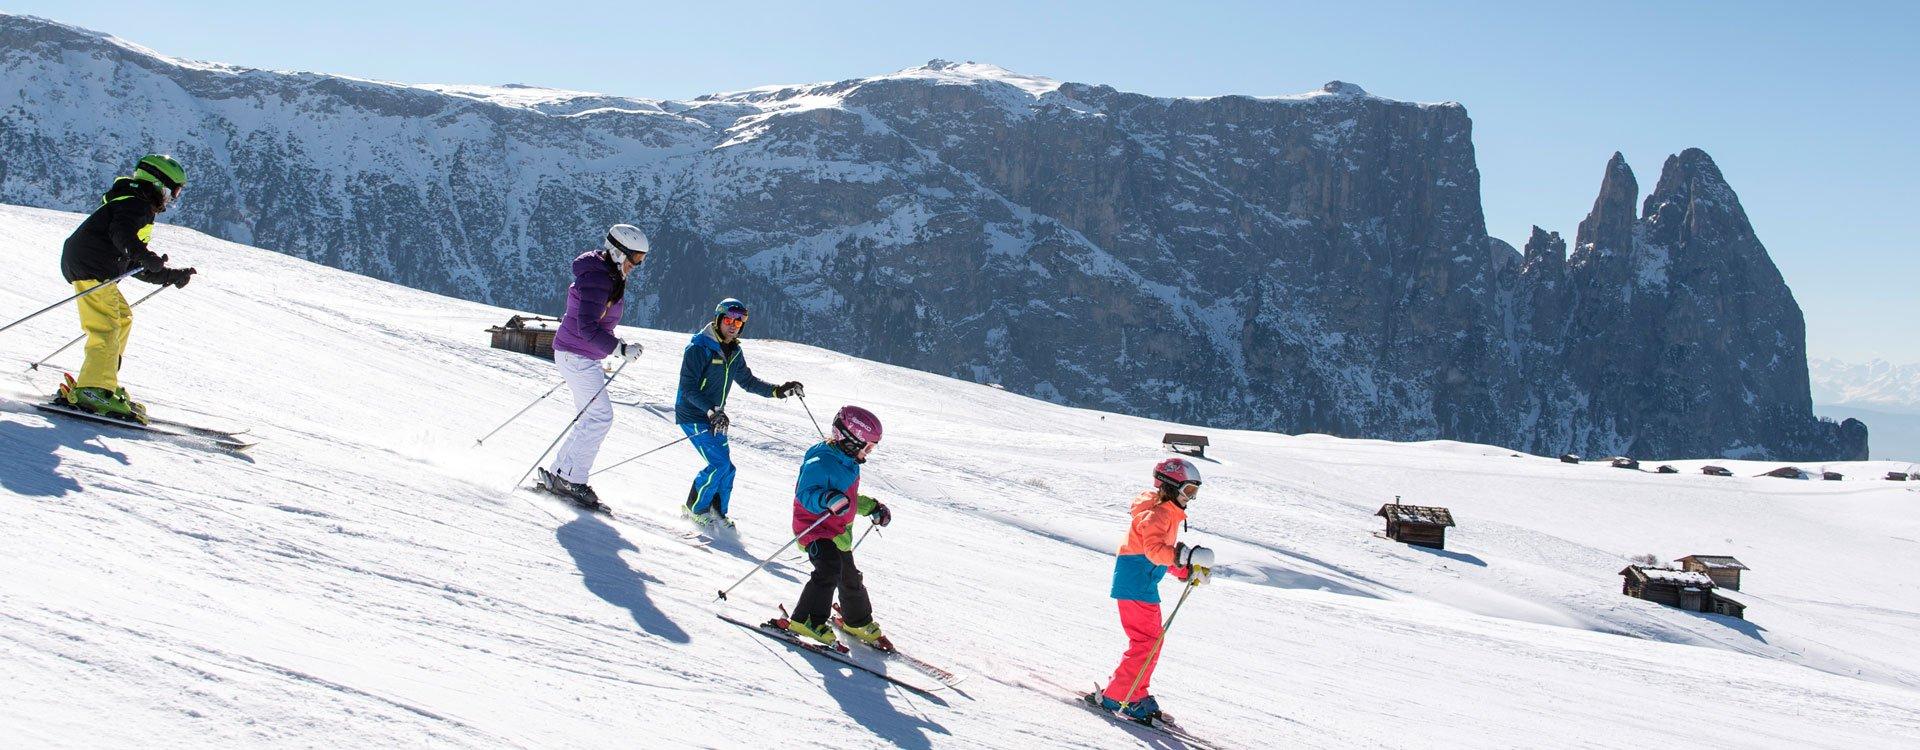 skiurlaub-seiser-alm-01